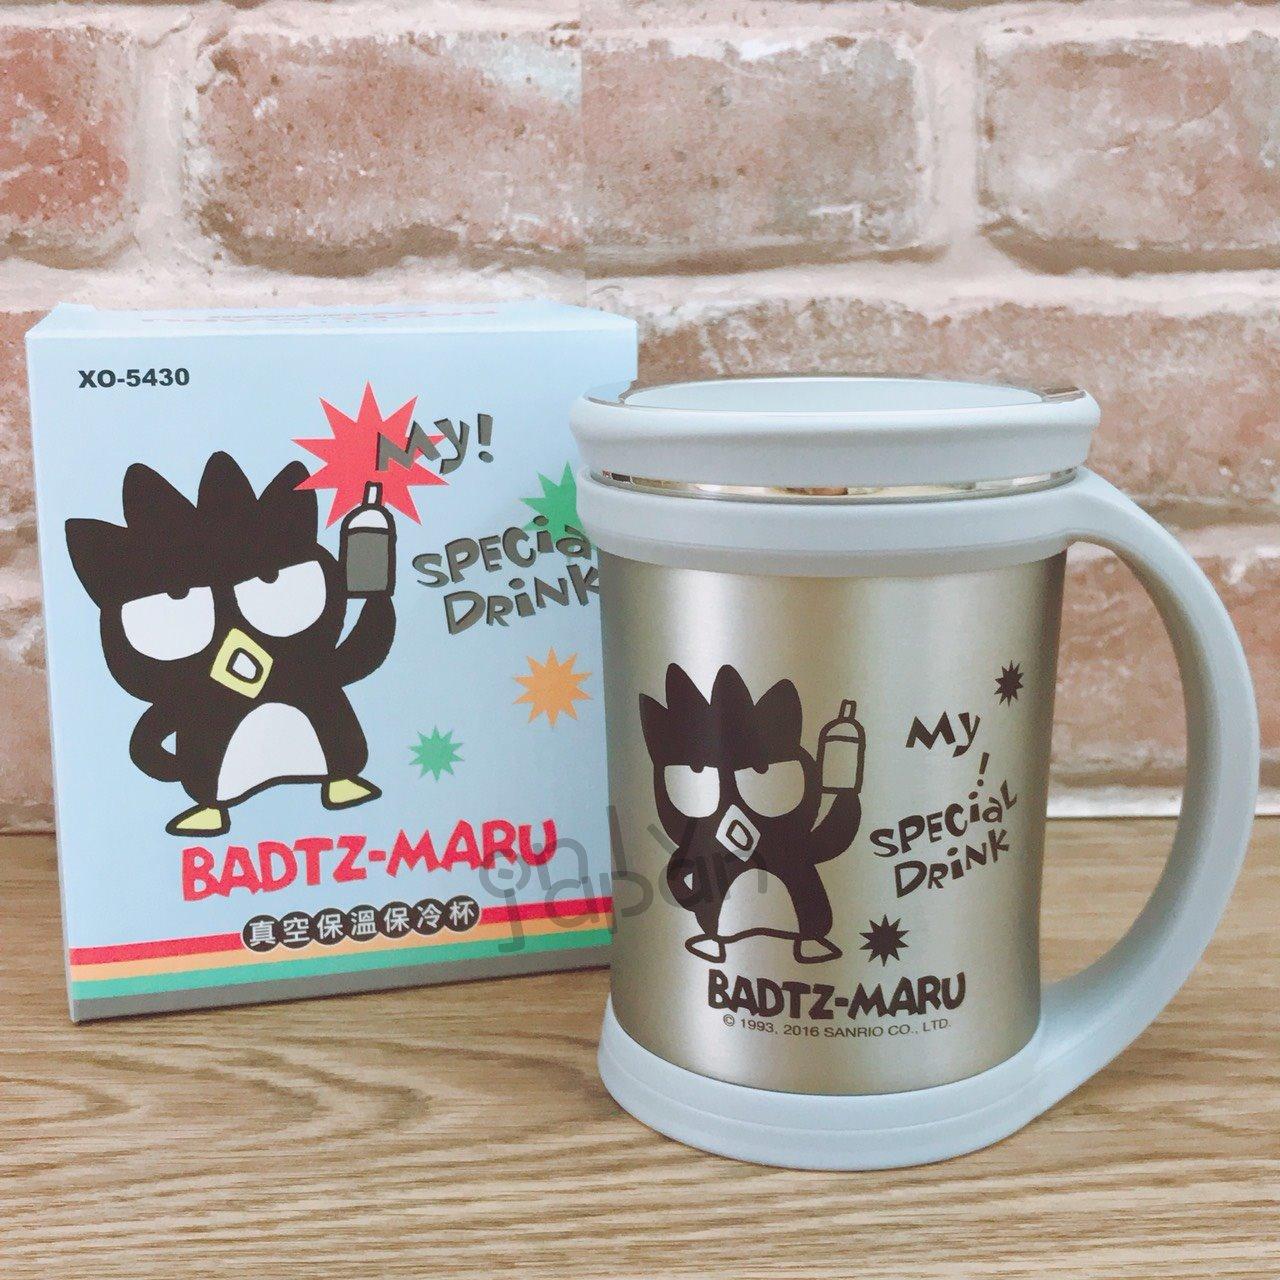 【真愛日本】18010600002 真空保溫保冷杯-XO 三麗鷗家族 酷企鵝 日用品 保溫杯 保冷杯 居家生活 杯子